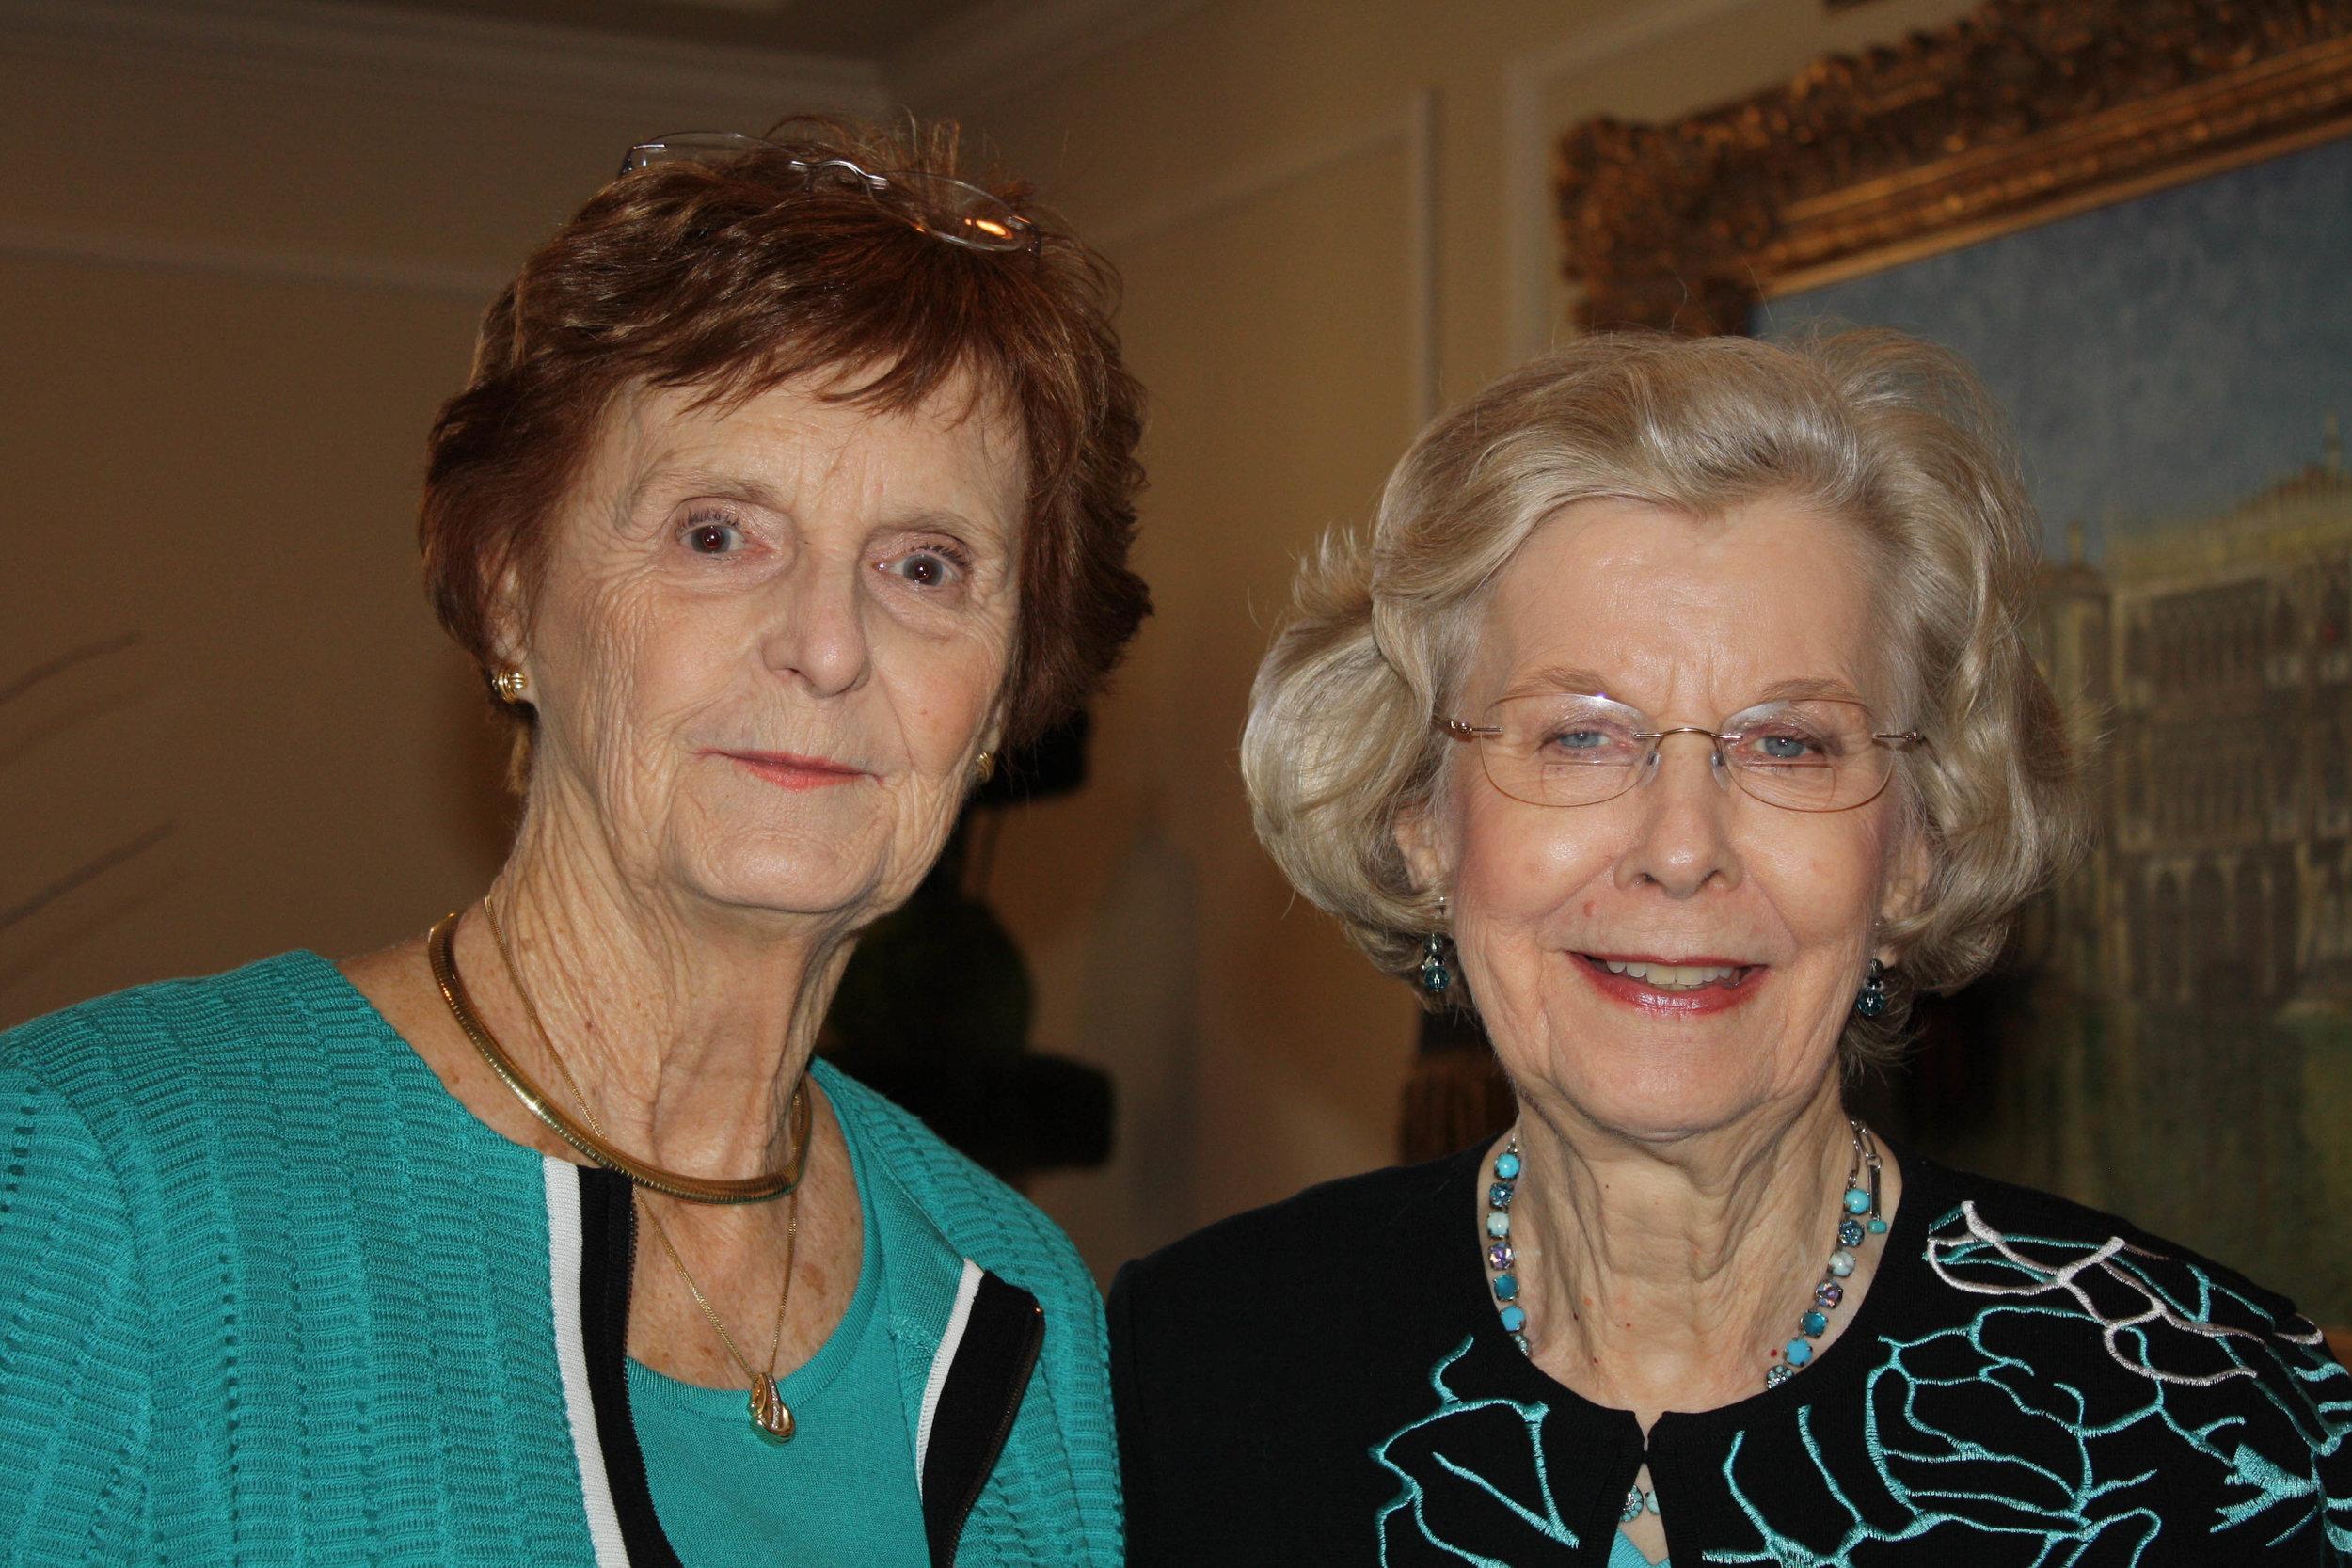 Linda Lira and Helen Floyd